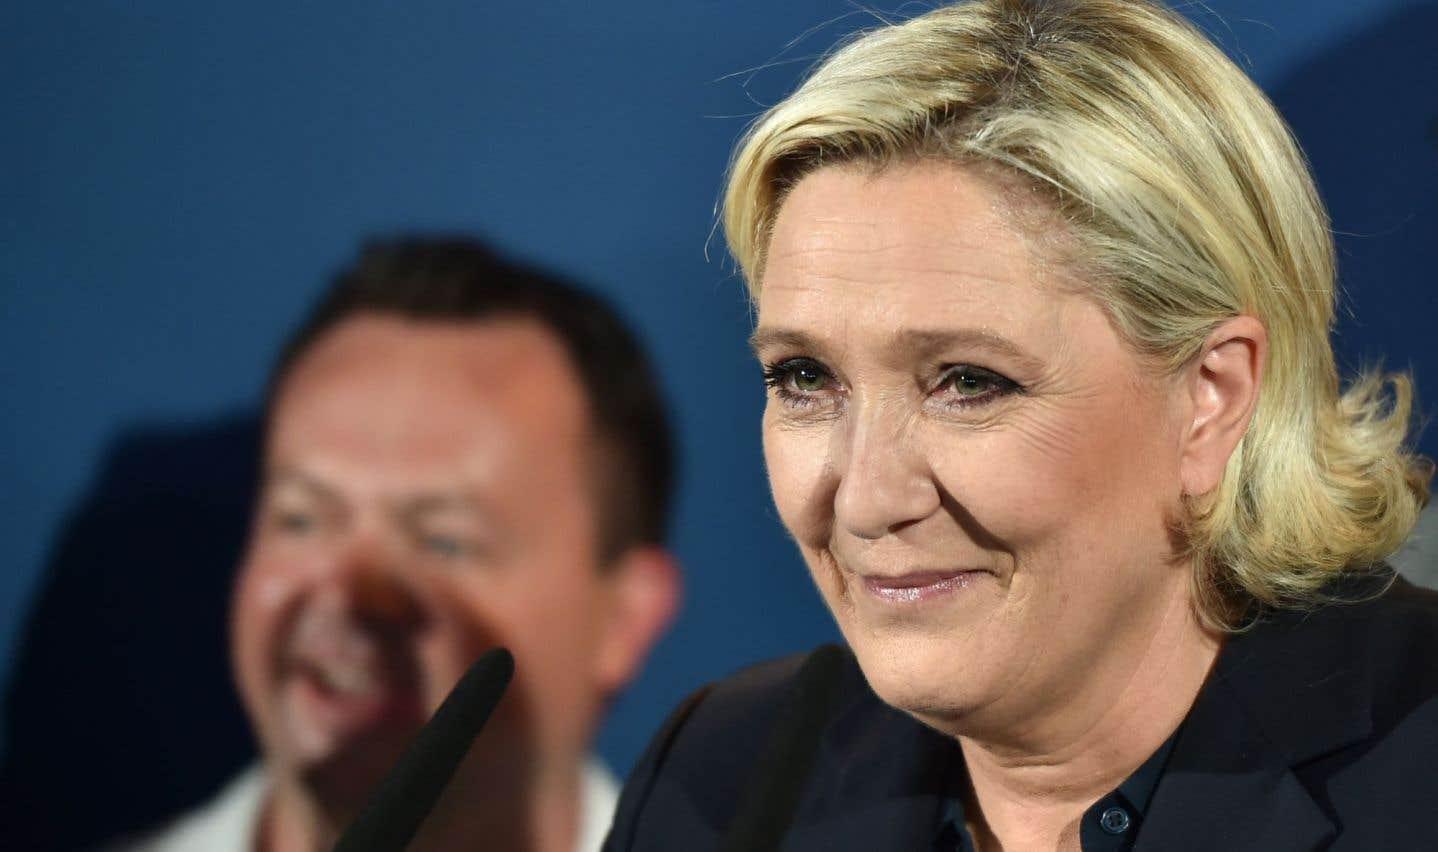 Législatives en France: Marine Le Pen entre à l'Assemblée